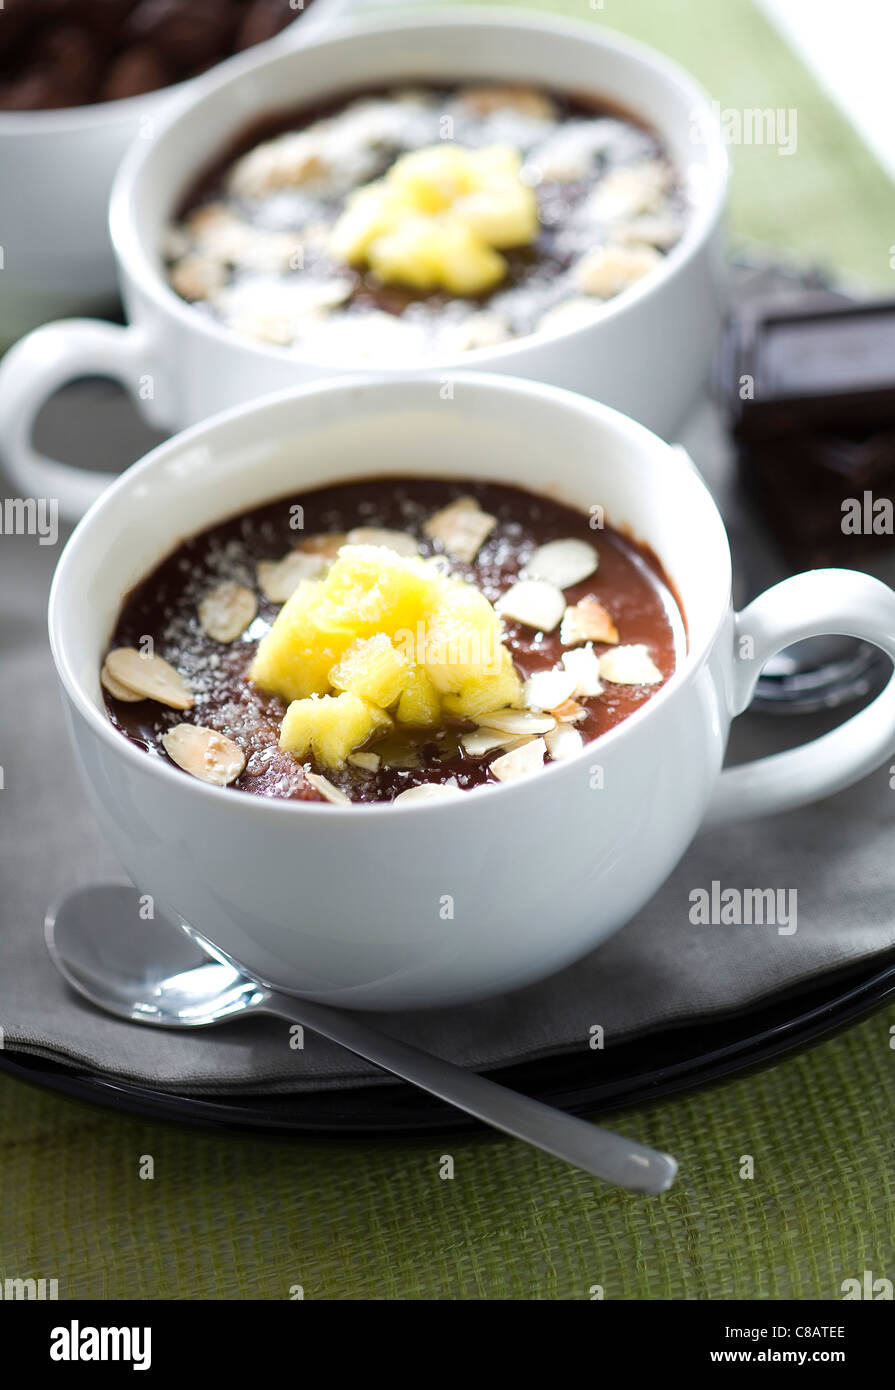 Postre cremoso de chocolate con almendras, coco y piña Imagen De Stock